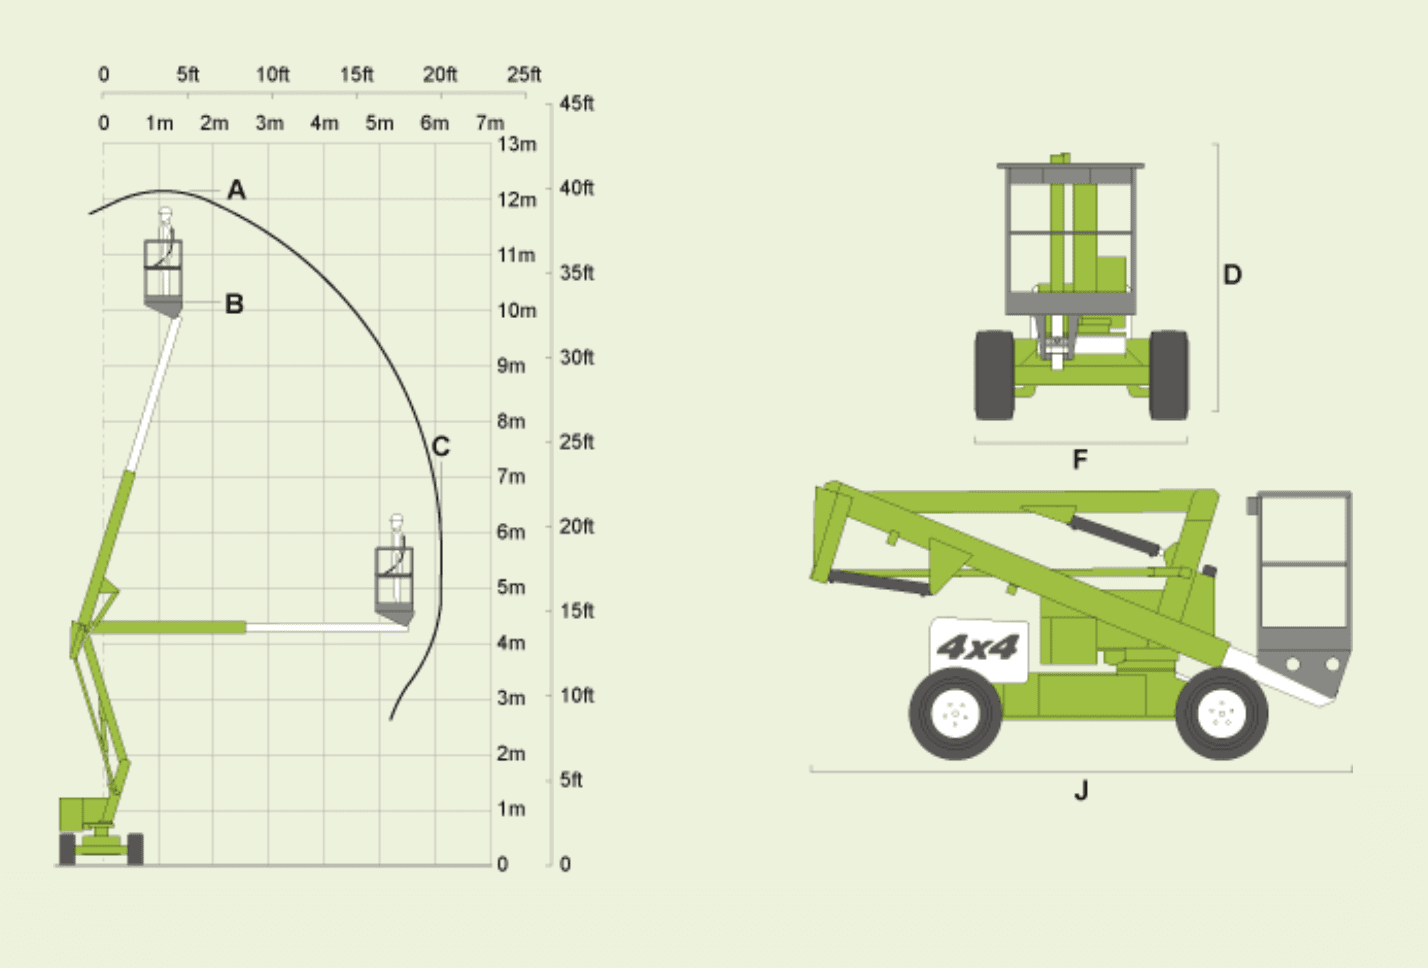 HR12 4x4 diagram